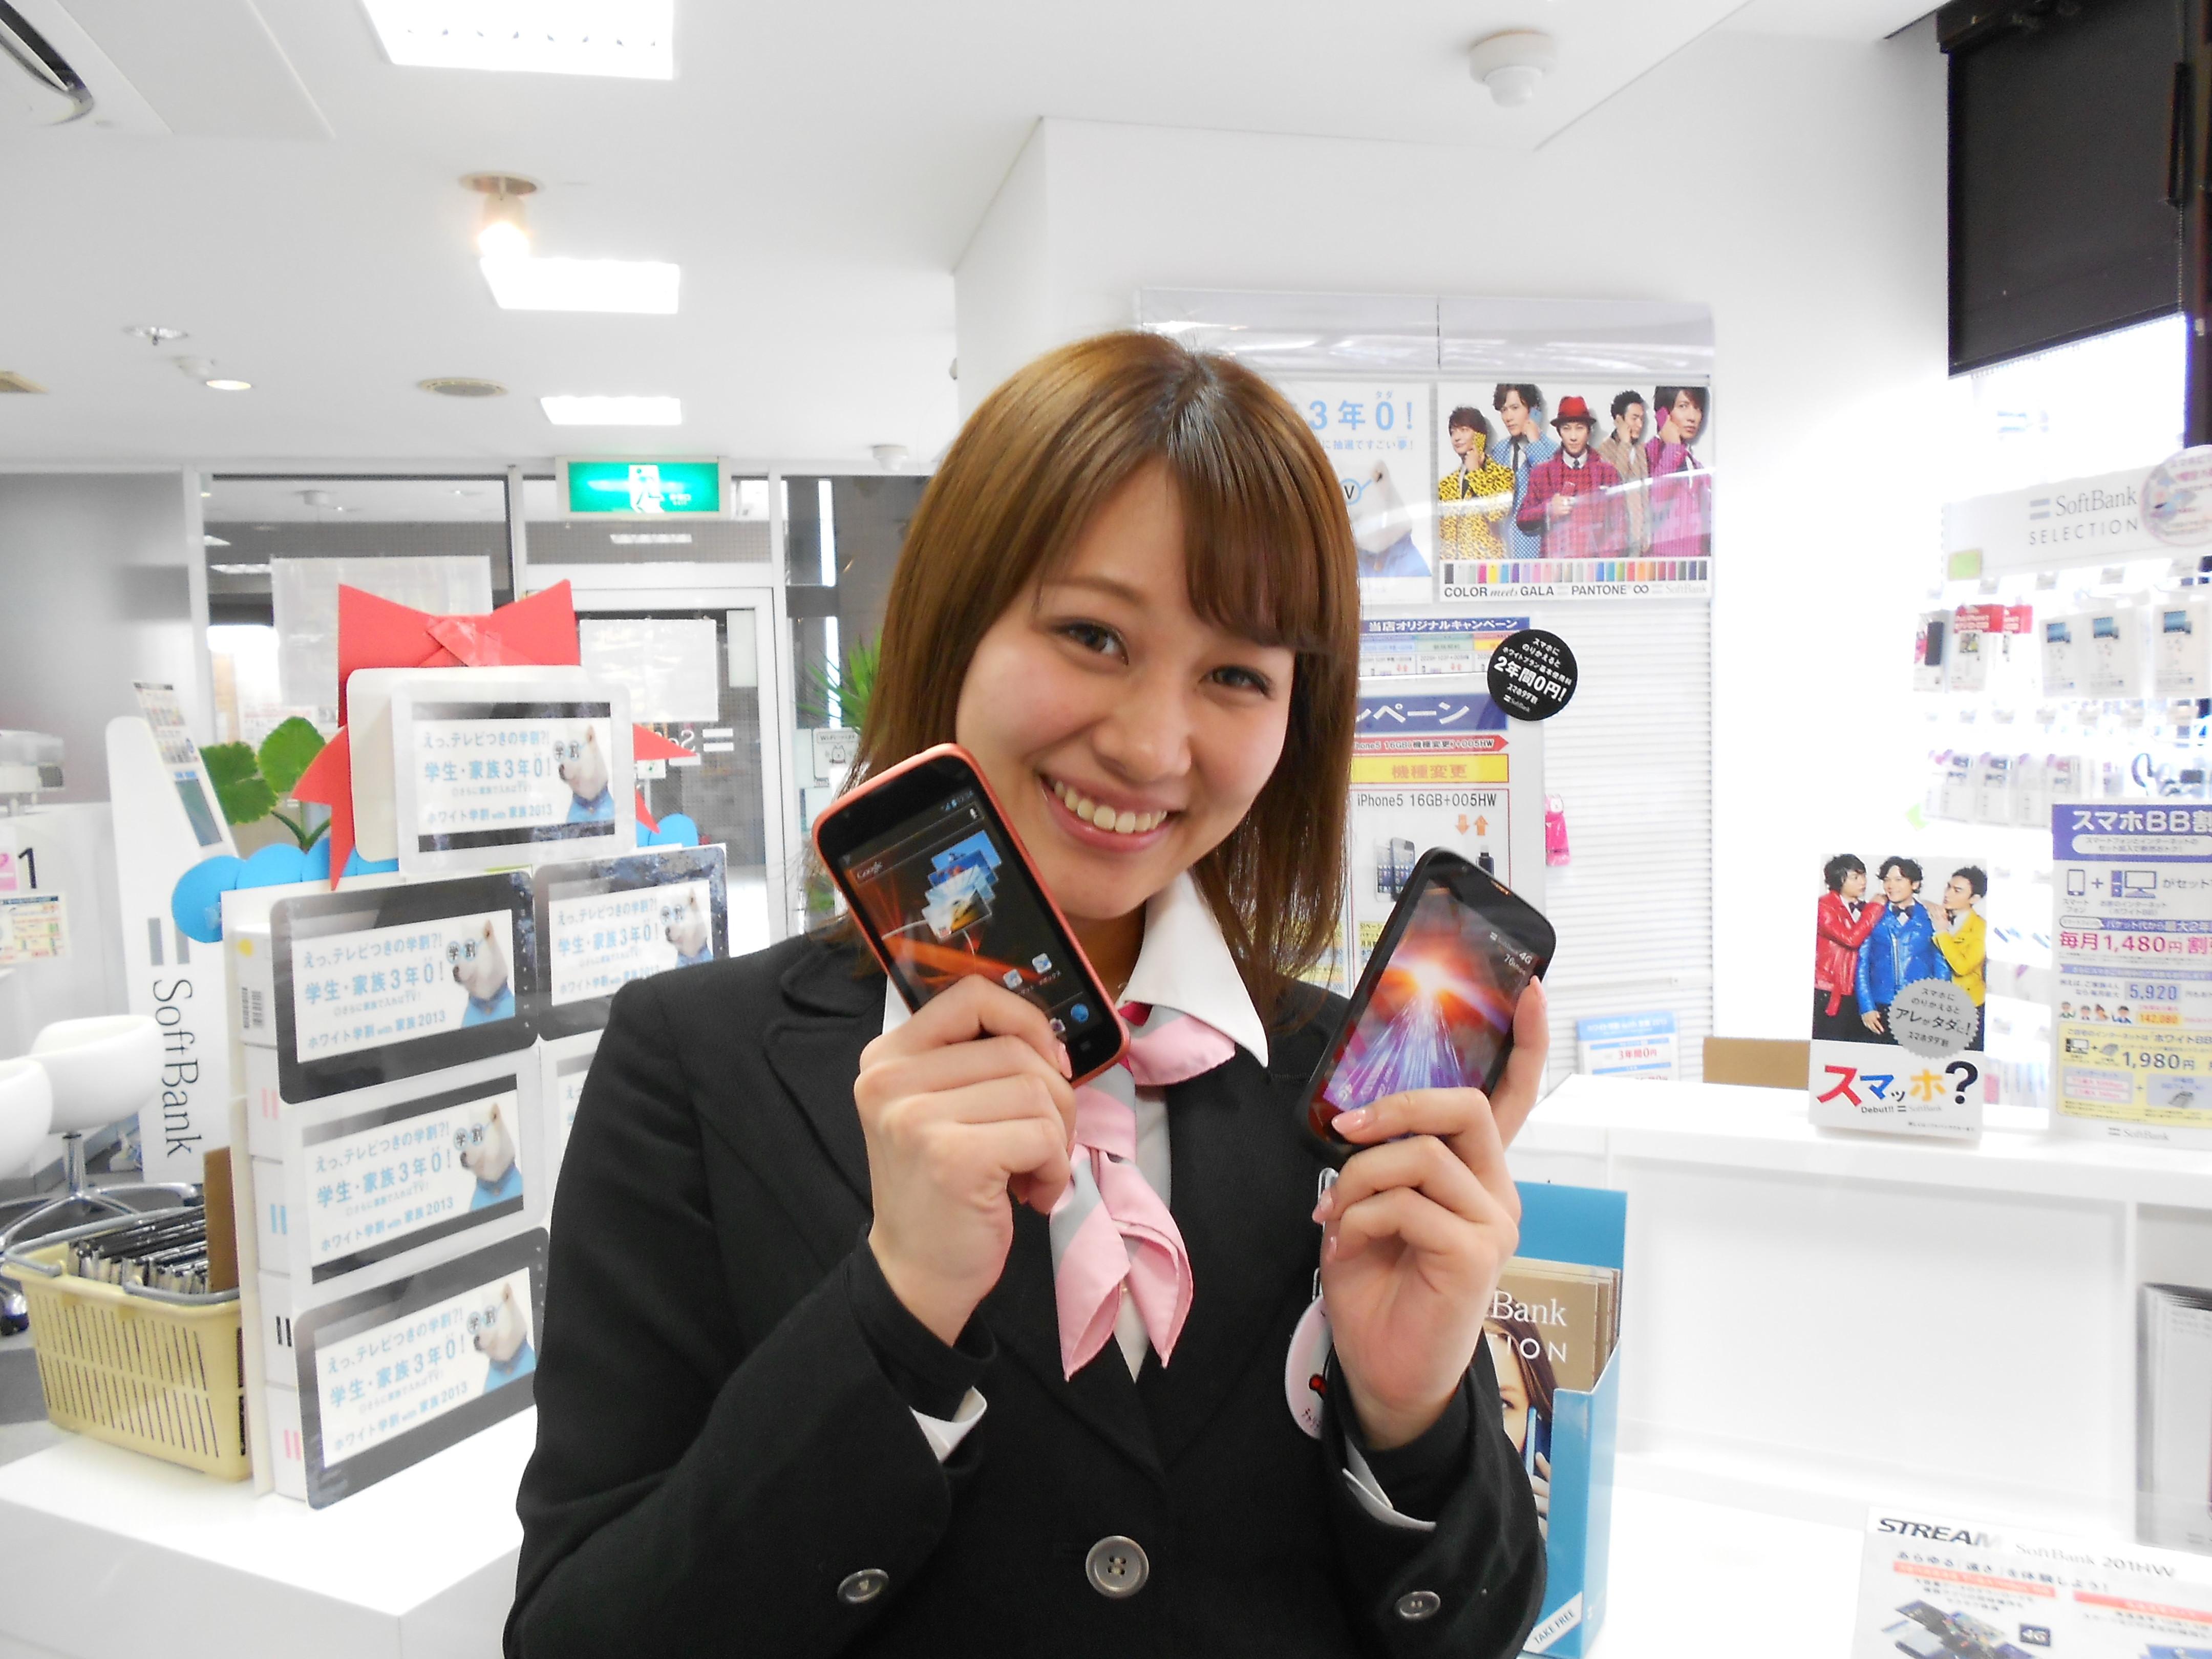 ヨドバシカメラ マルチメディア 吉祥寺(株式会社シエロ)のアルバイト情報